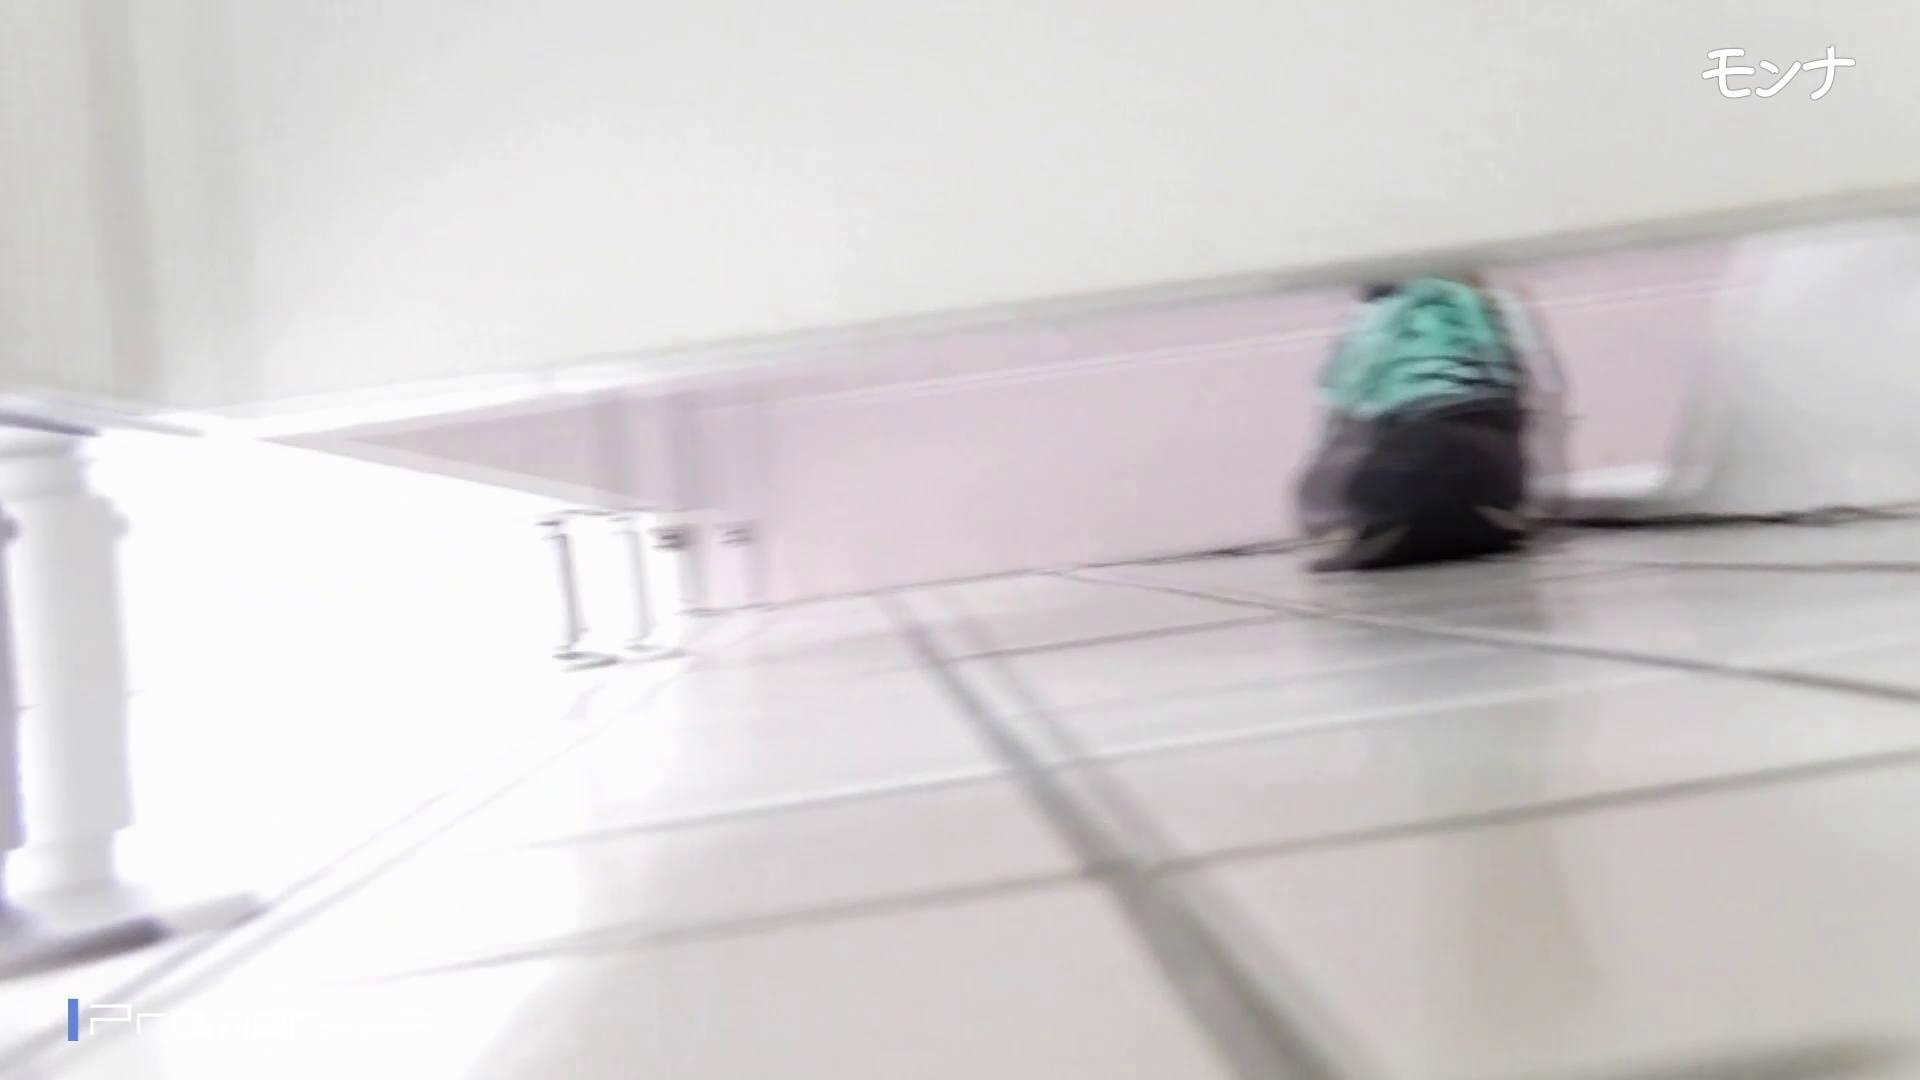 美しい日本の未来 No.75 たまらないくびれ 2 生え茂る 女体盗撮 盗撮おめこ無修正動画無料 93連発 65